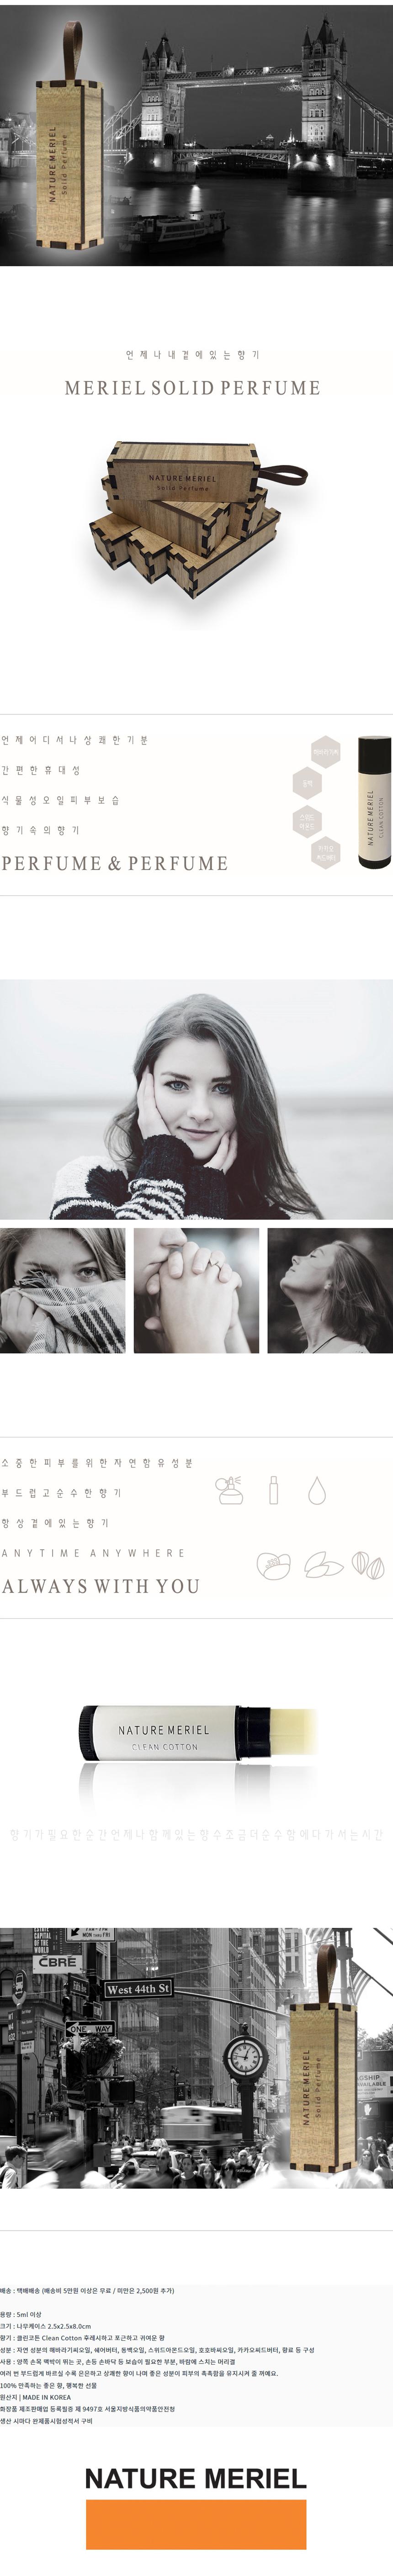 메리엘 솔리드퍼퓸 Solid Perfume - 네이처 메리에, 8,800원, 크림/고체향수, 크림/고체향수